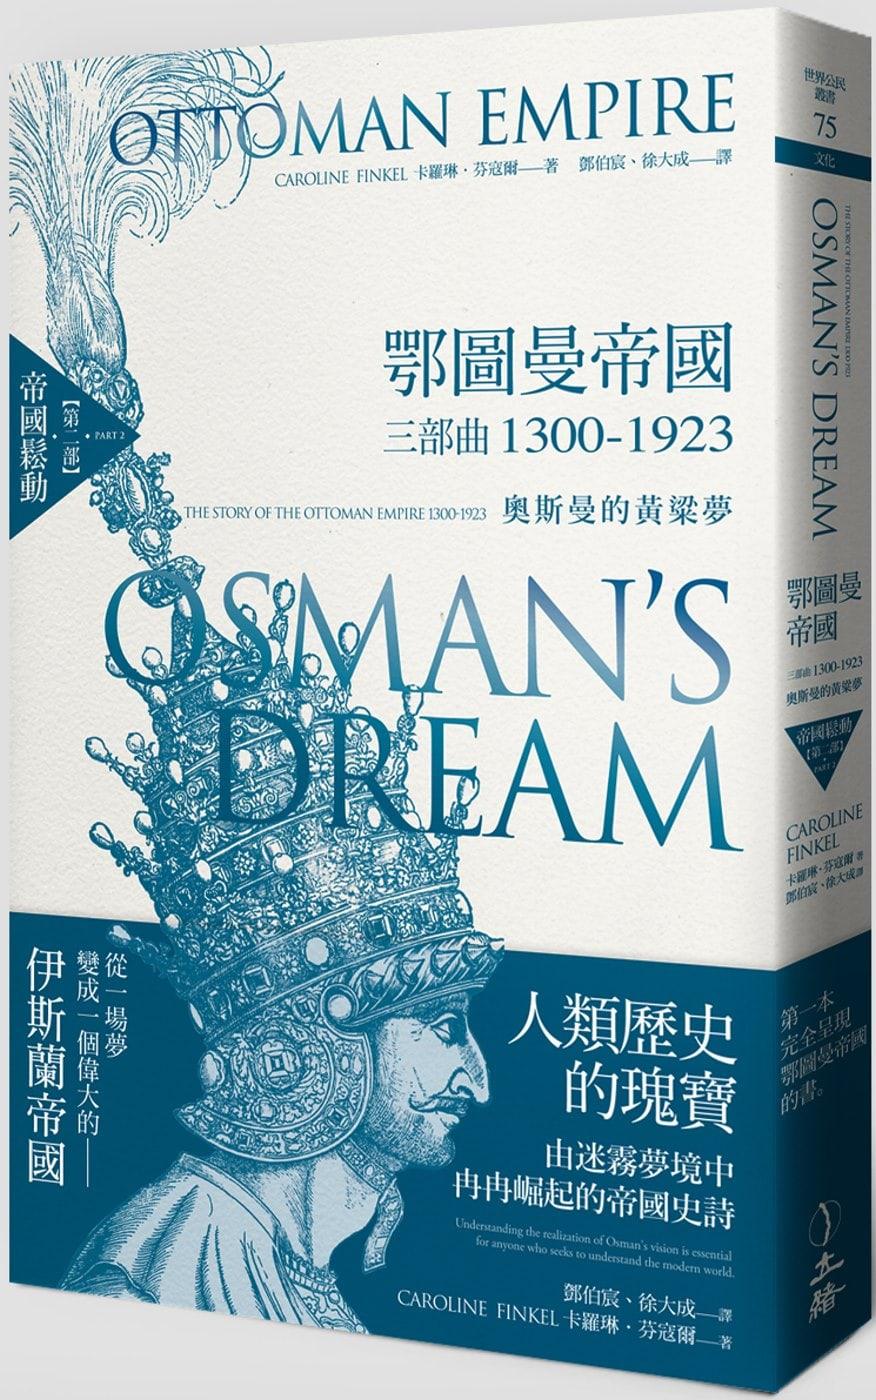 鄂圖曼帝國三部曲1300-1923:奧斯曼的黃粱夢(第二部 帝國鬆動)